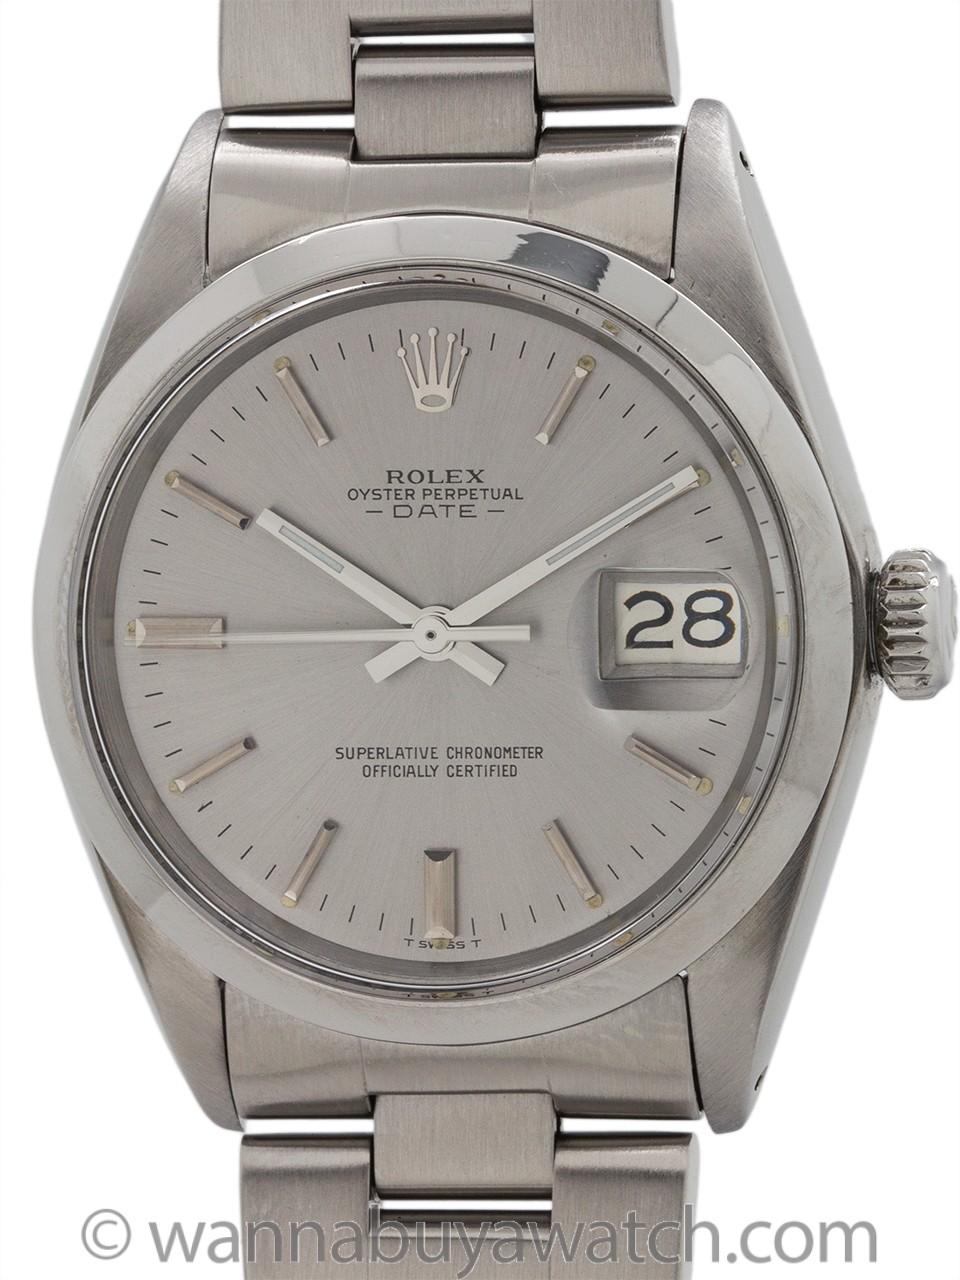 Rolex ref 1500 Oyster Perpetual Date circa 1969